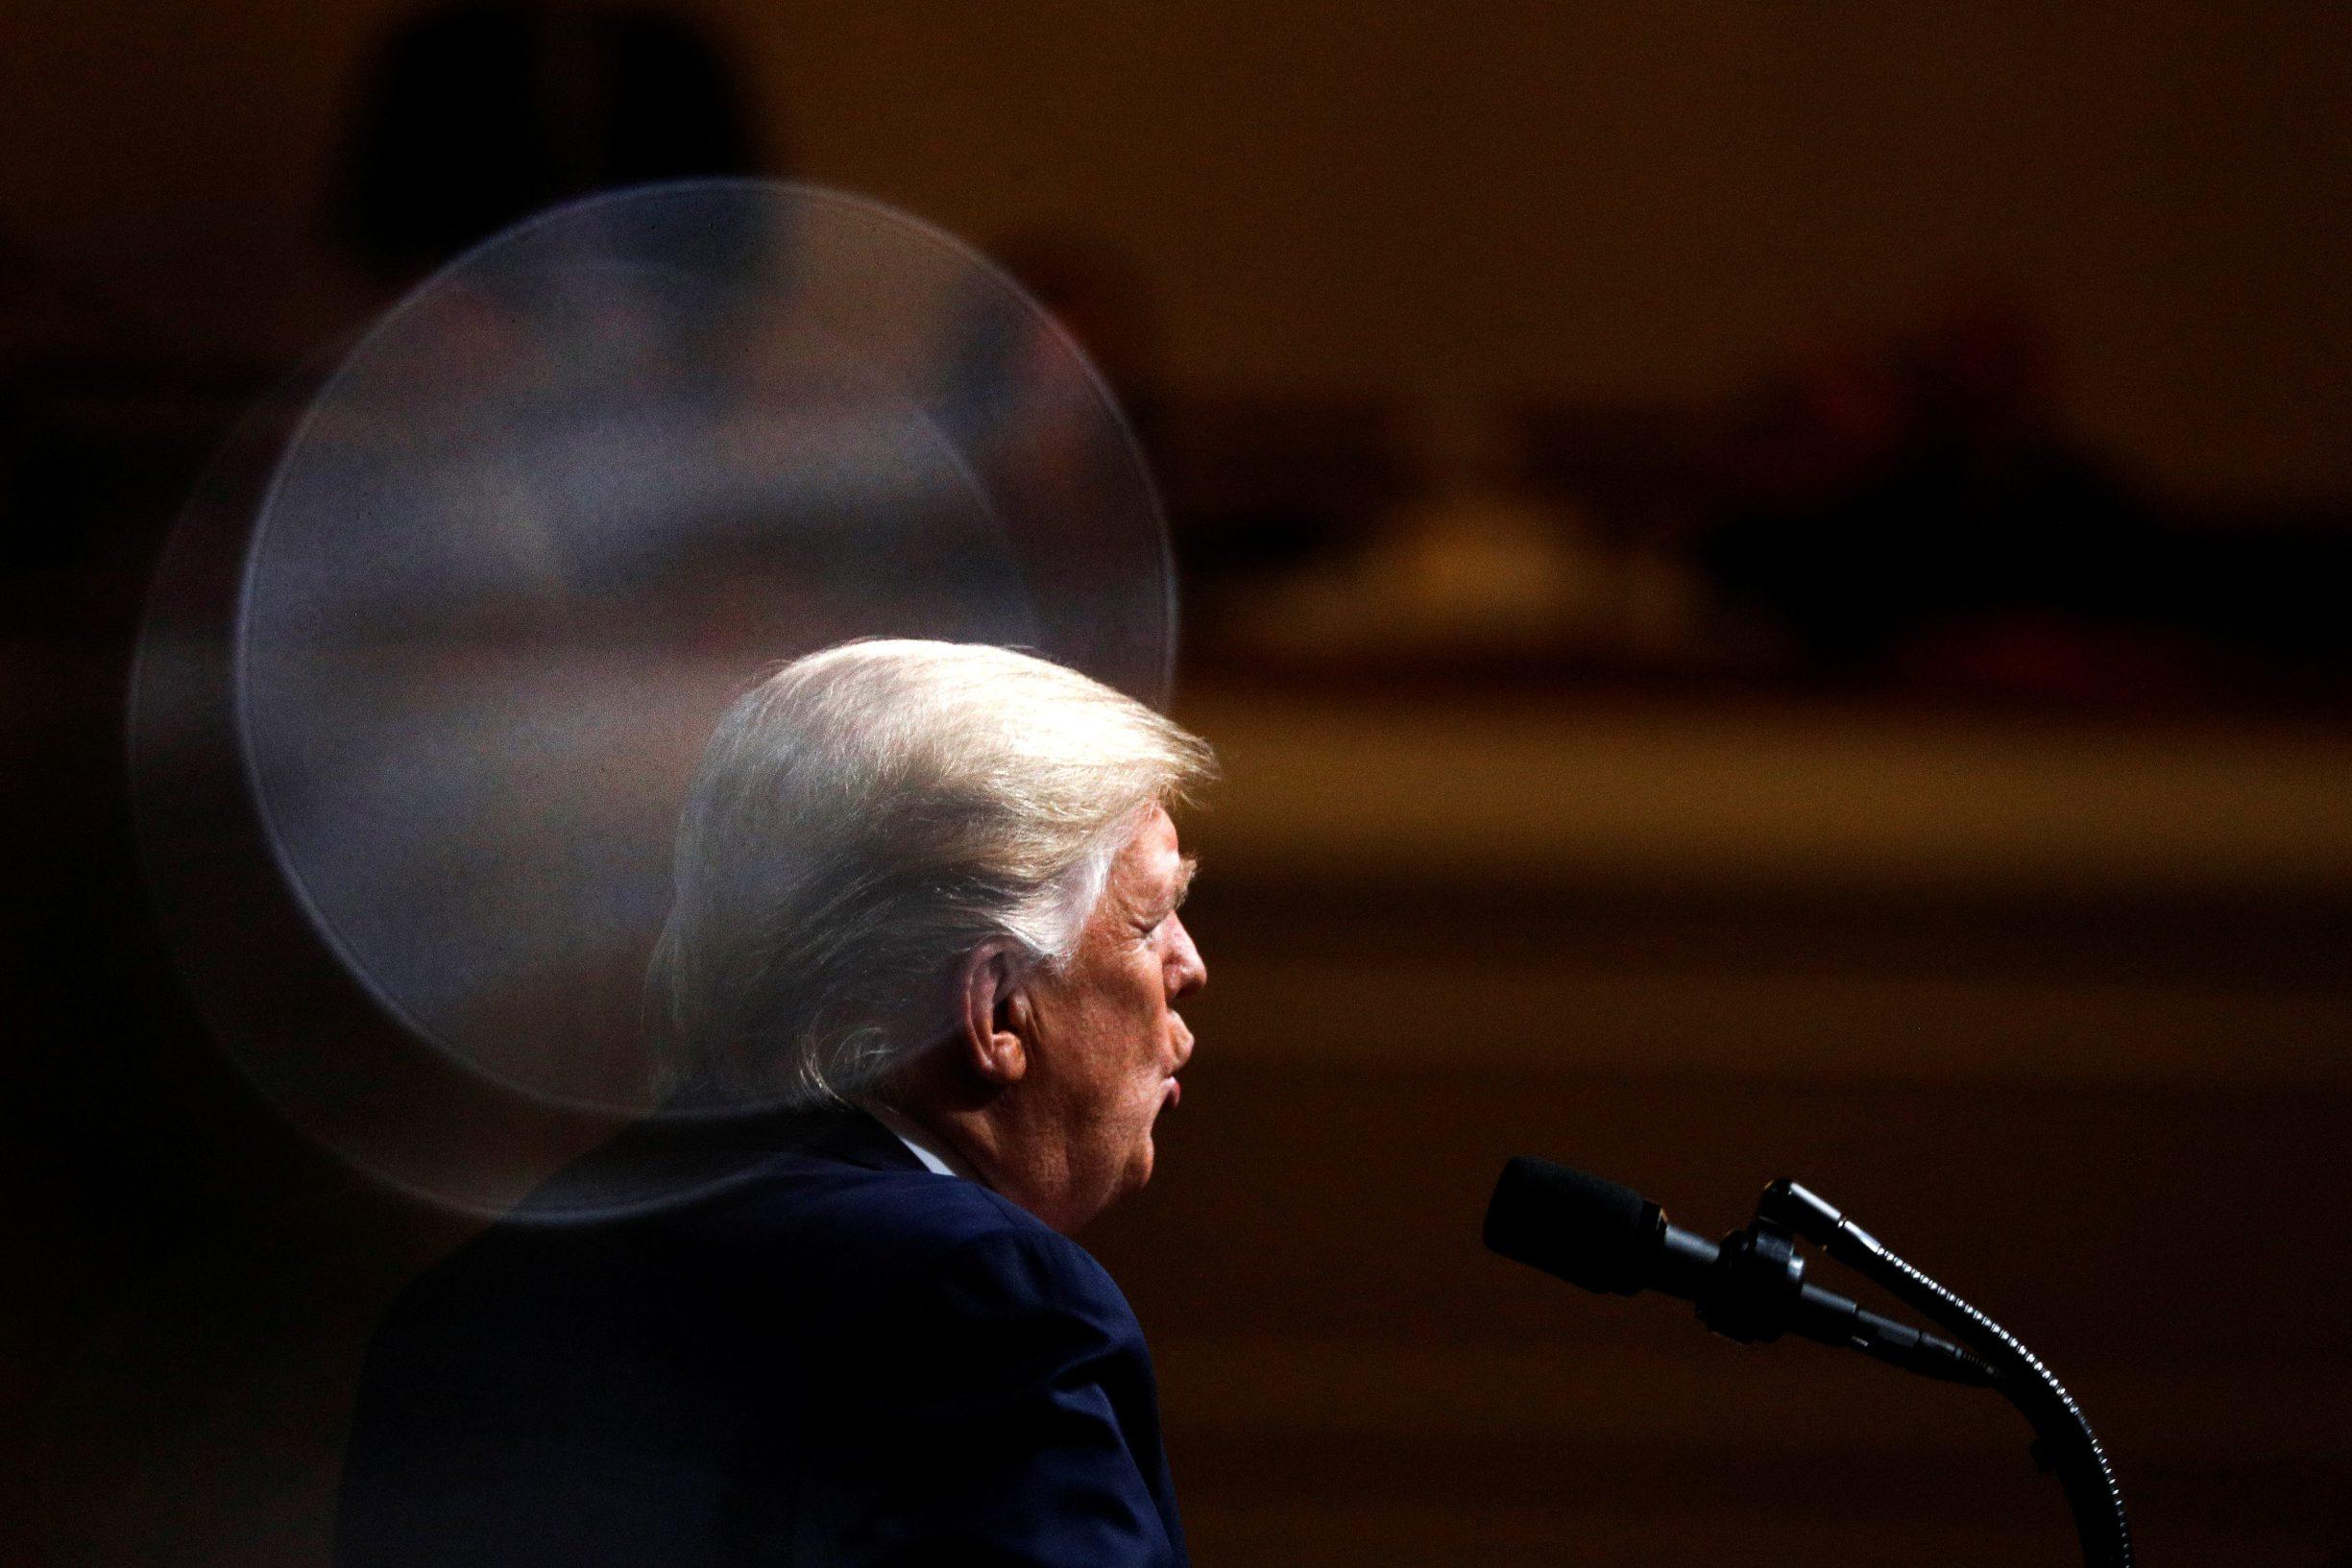 Ojačat će se protivljenje Trumpa među protivnicima te će istodobno ojačati podrška Trumpa među pobornicima